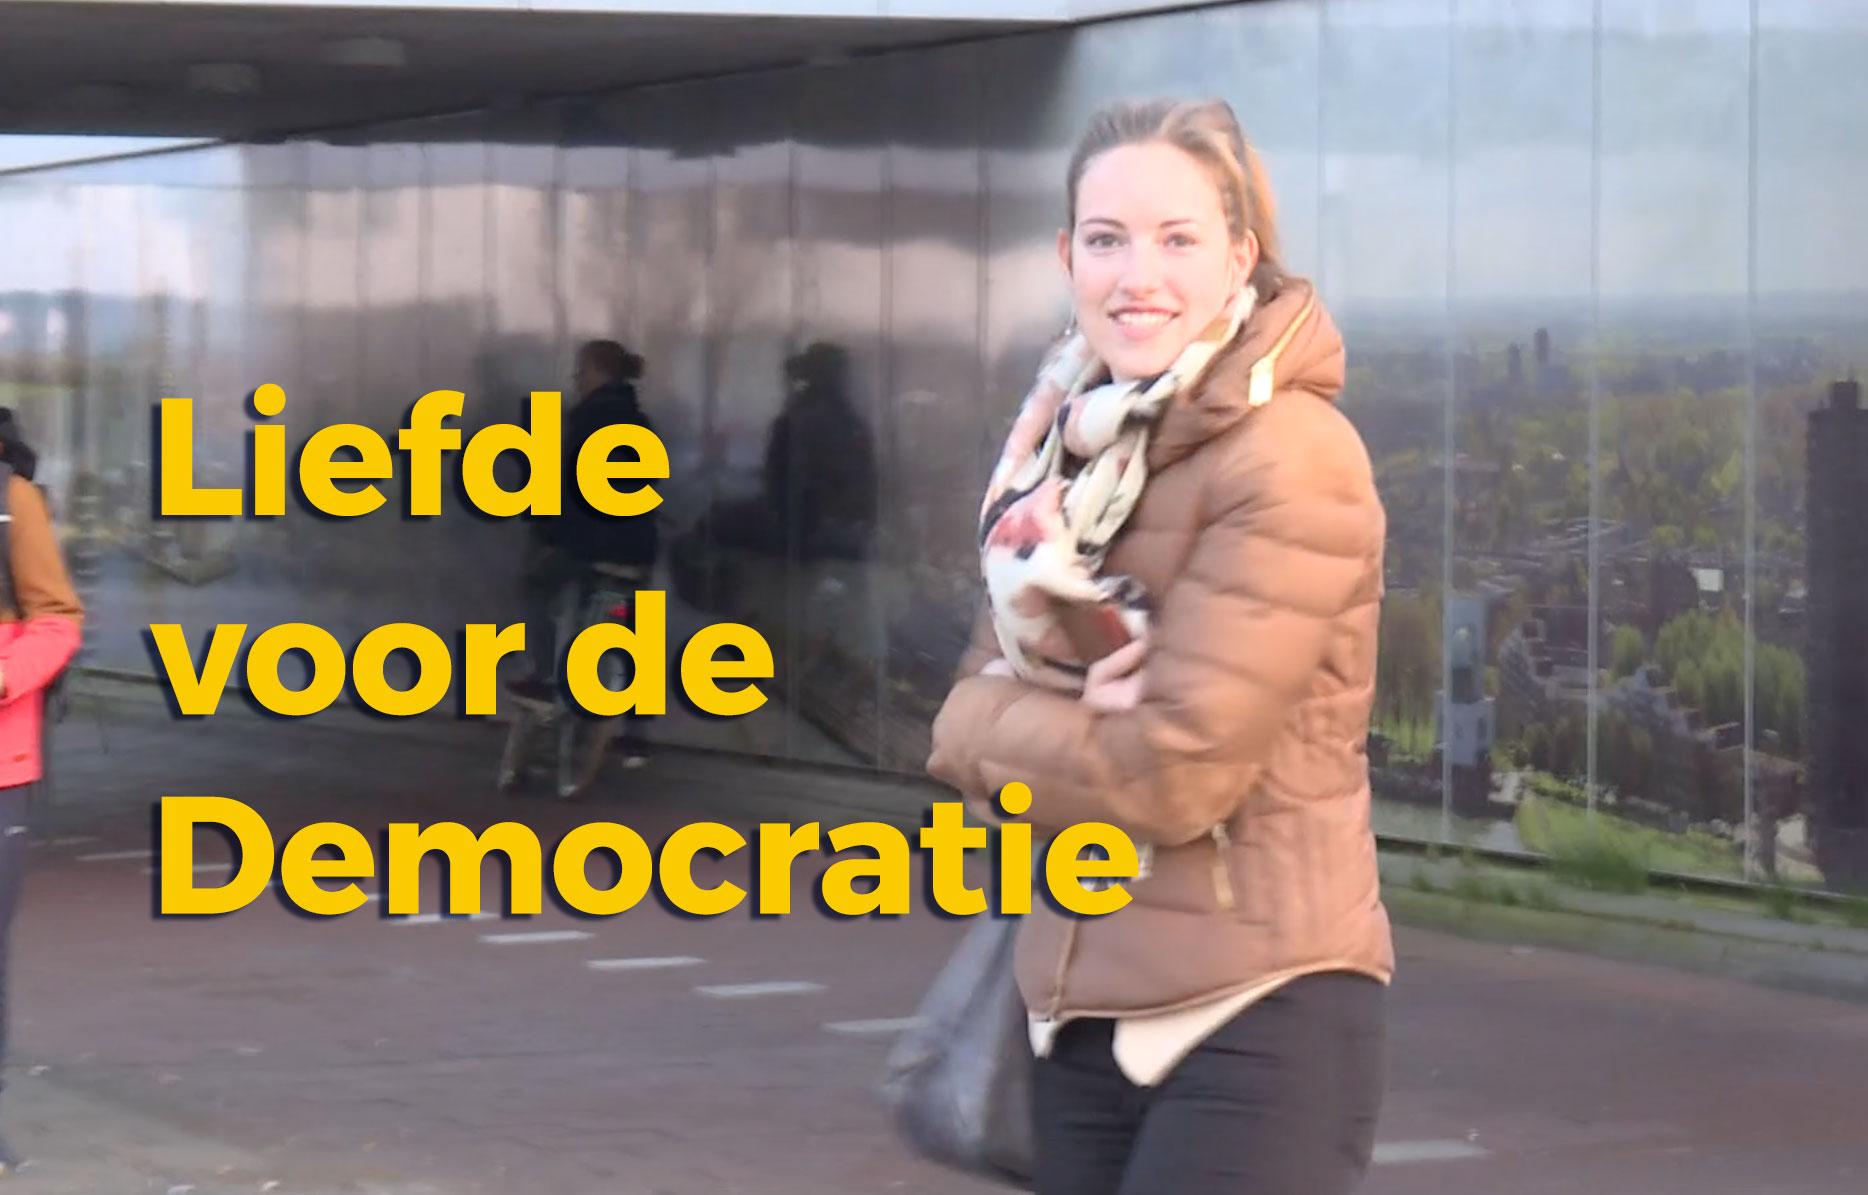 liefdevoordemocratie.jpg